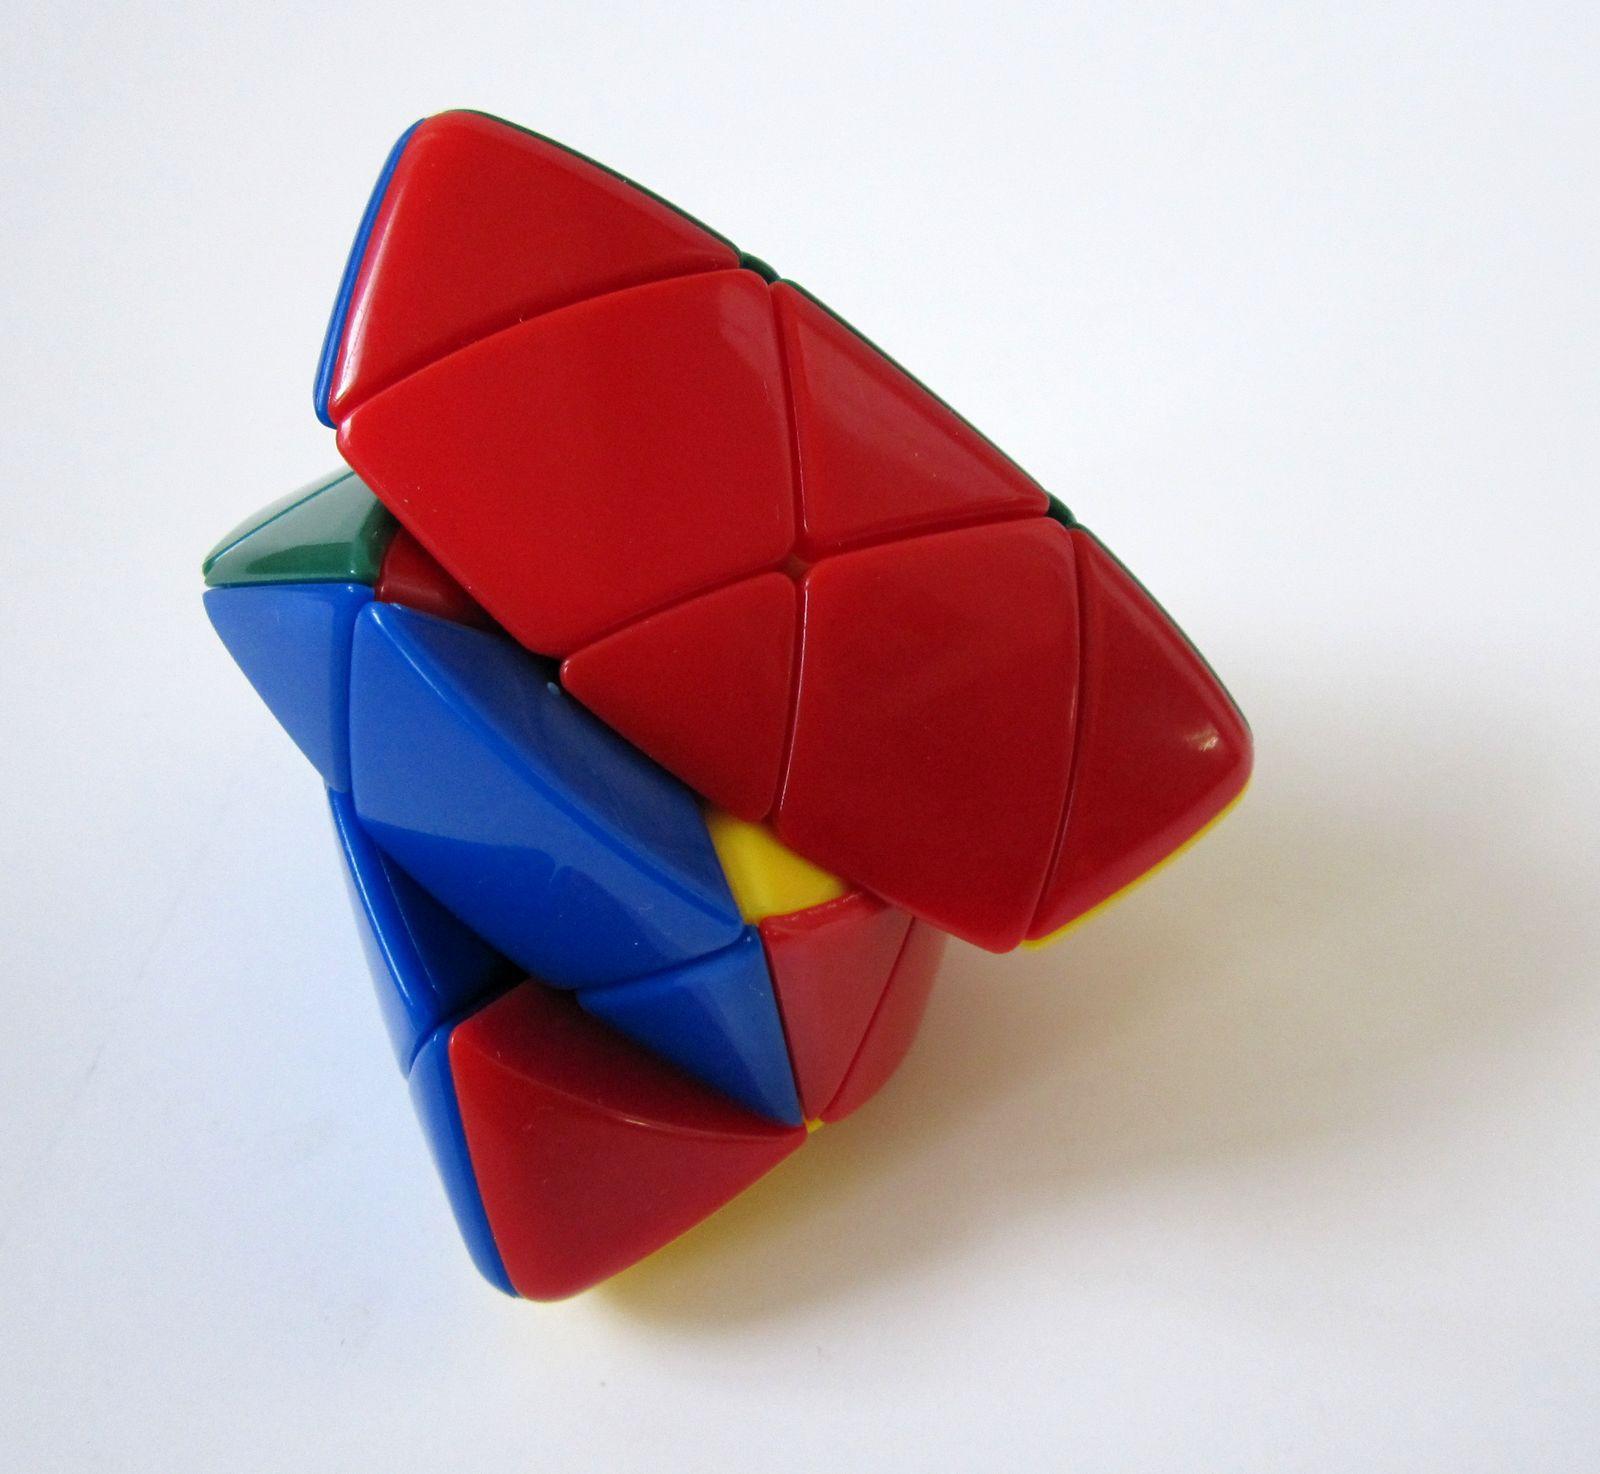 三阶魔方_圣手魔方 粽子异形智力玩具超顺滑